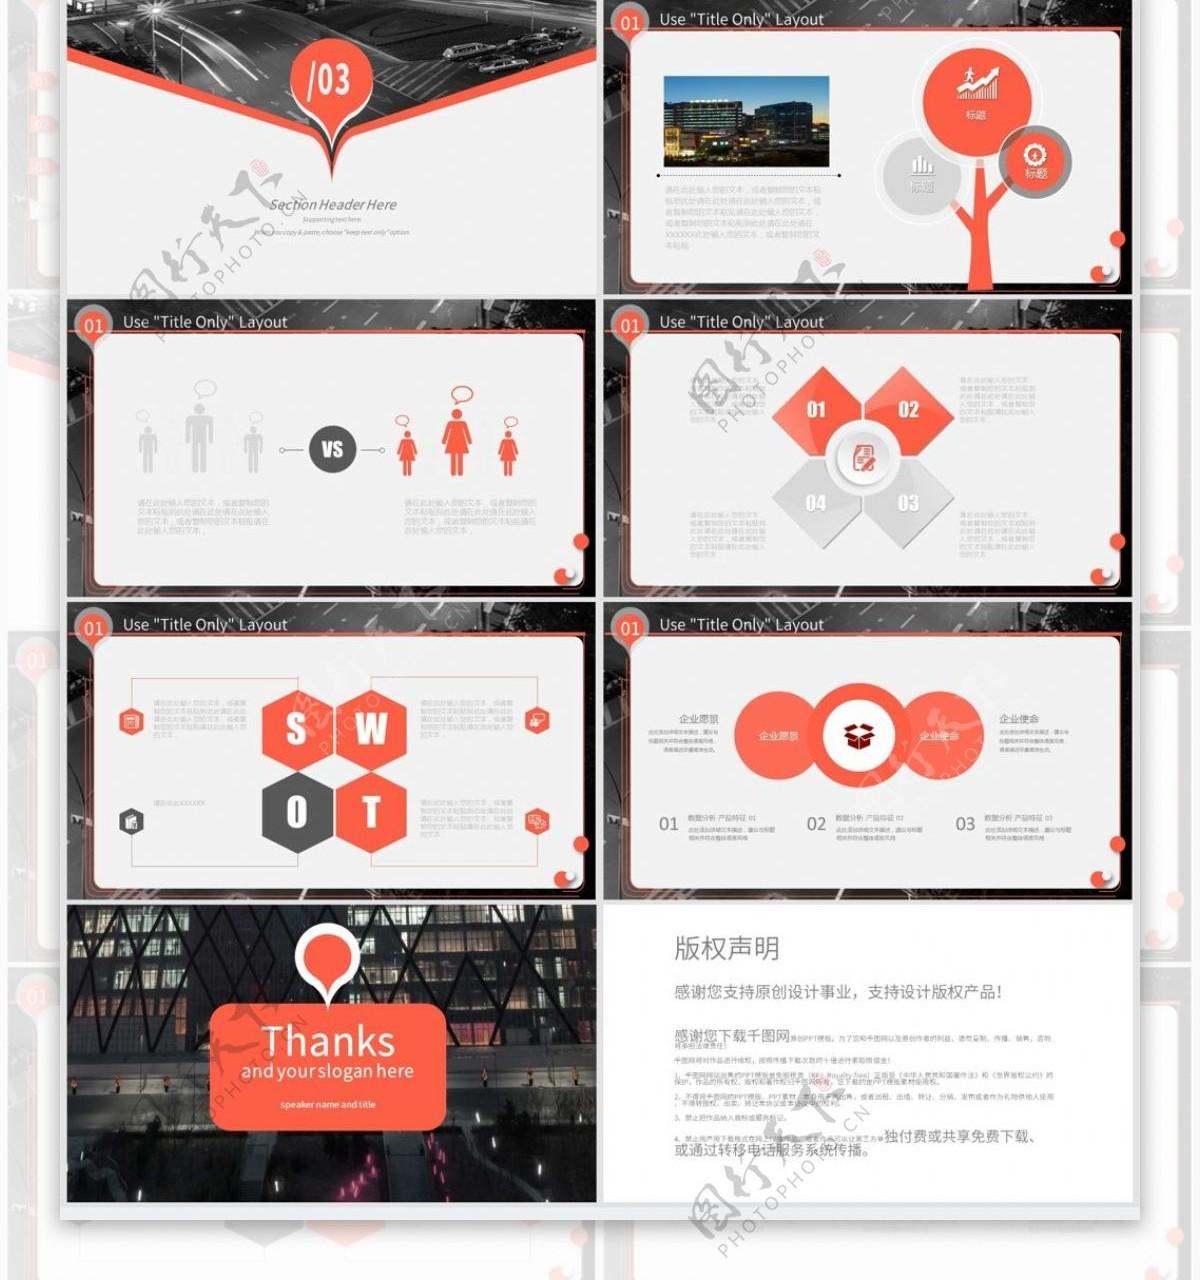 时尚橙新产品发布会keynote模板